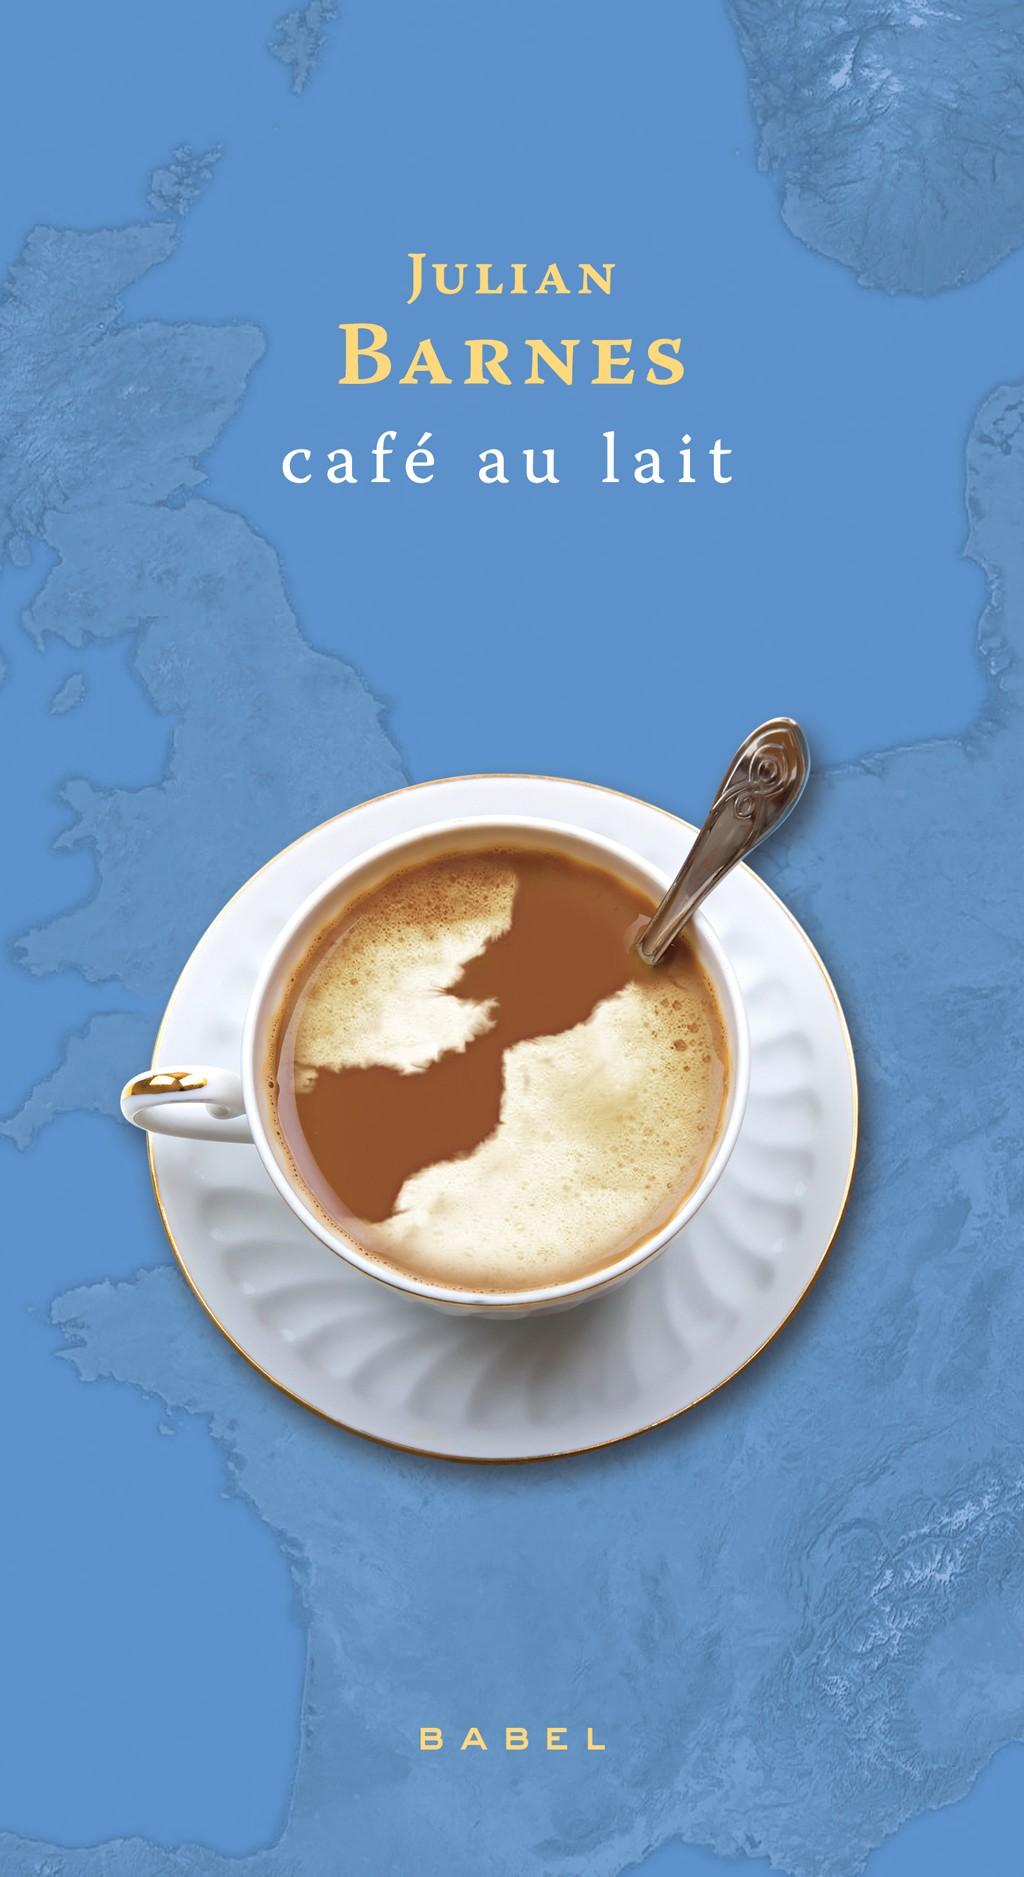 julian-barnes—cafe-au-lait—latime-1024px